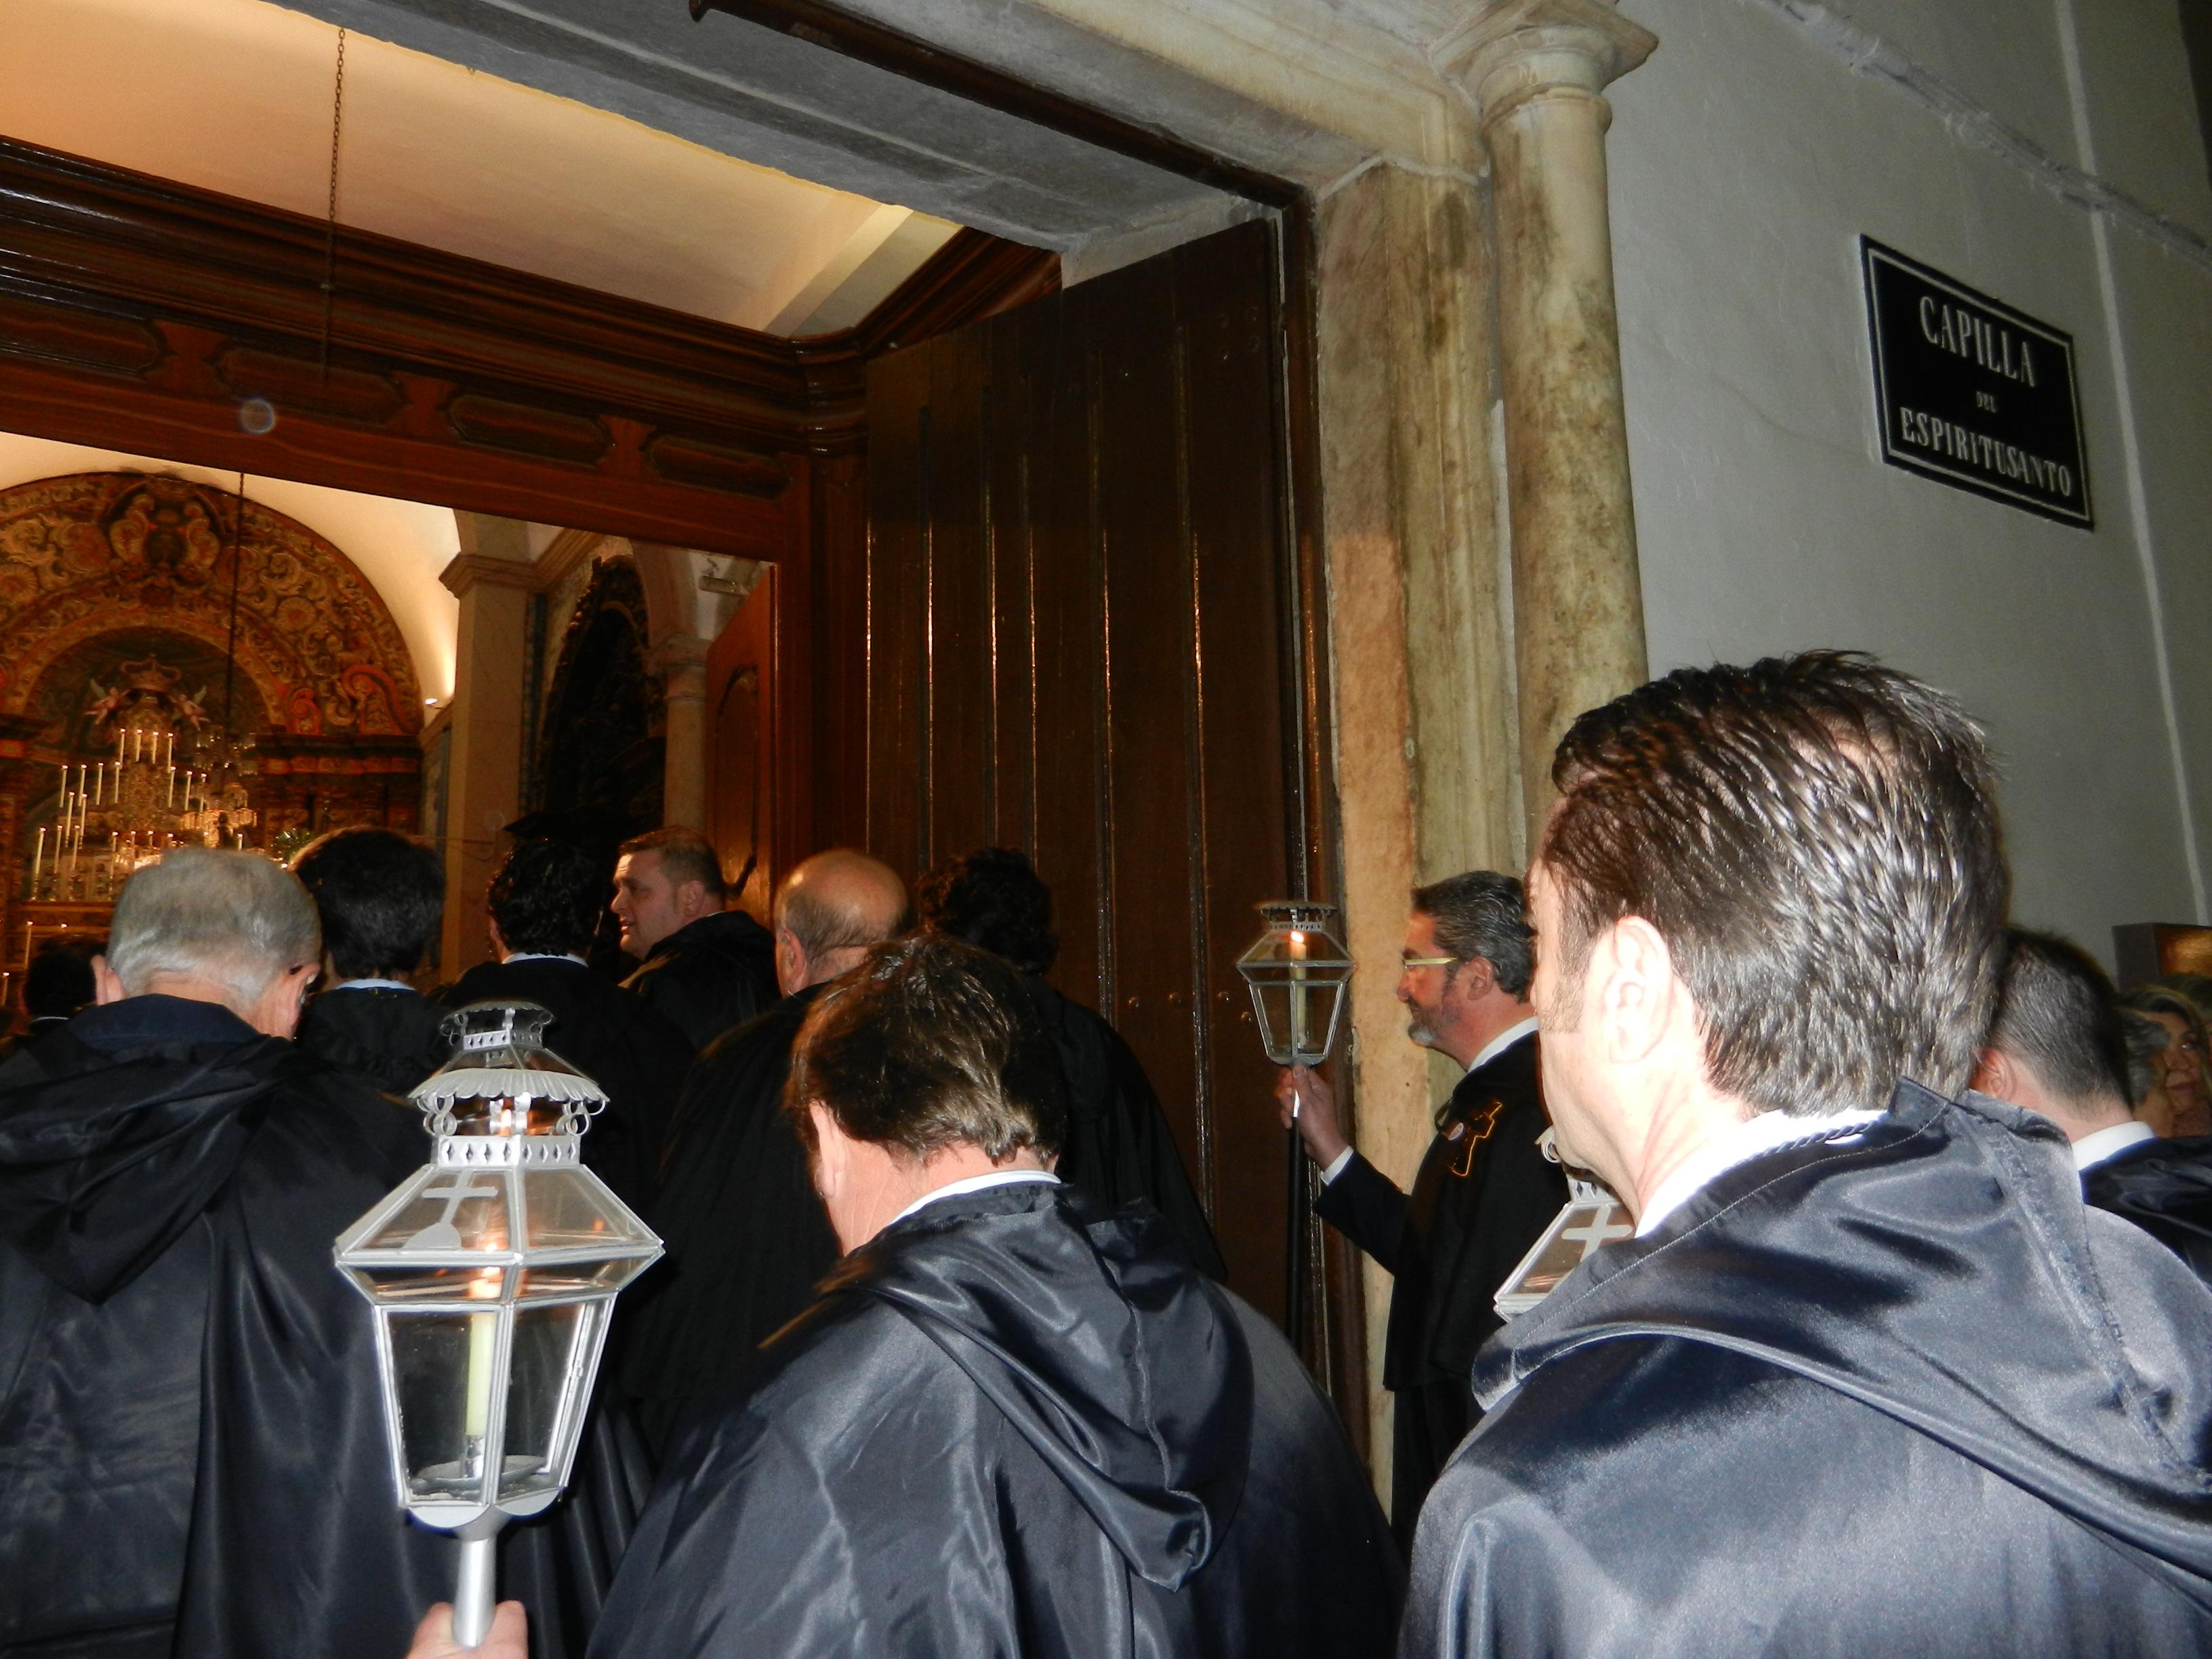 Entrada en la capilla Espíritu Santo